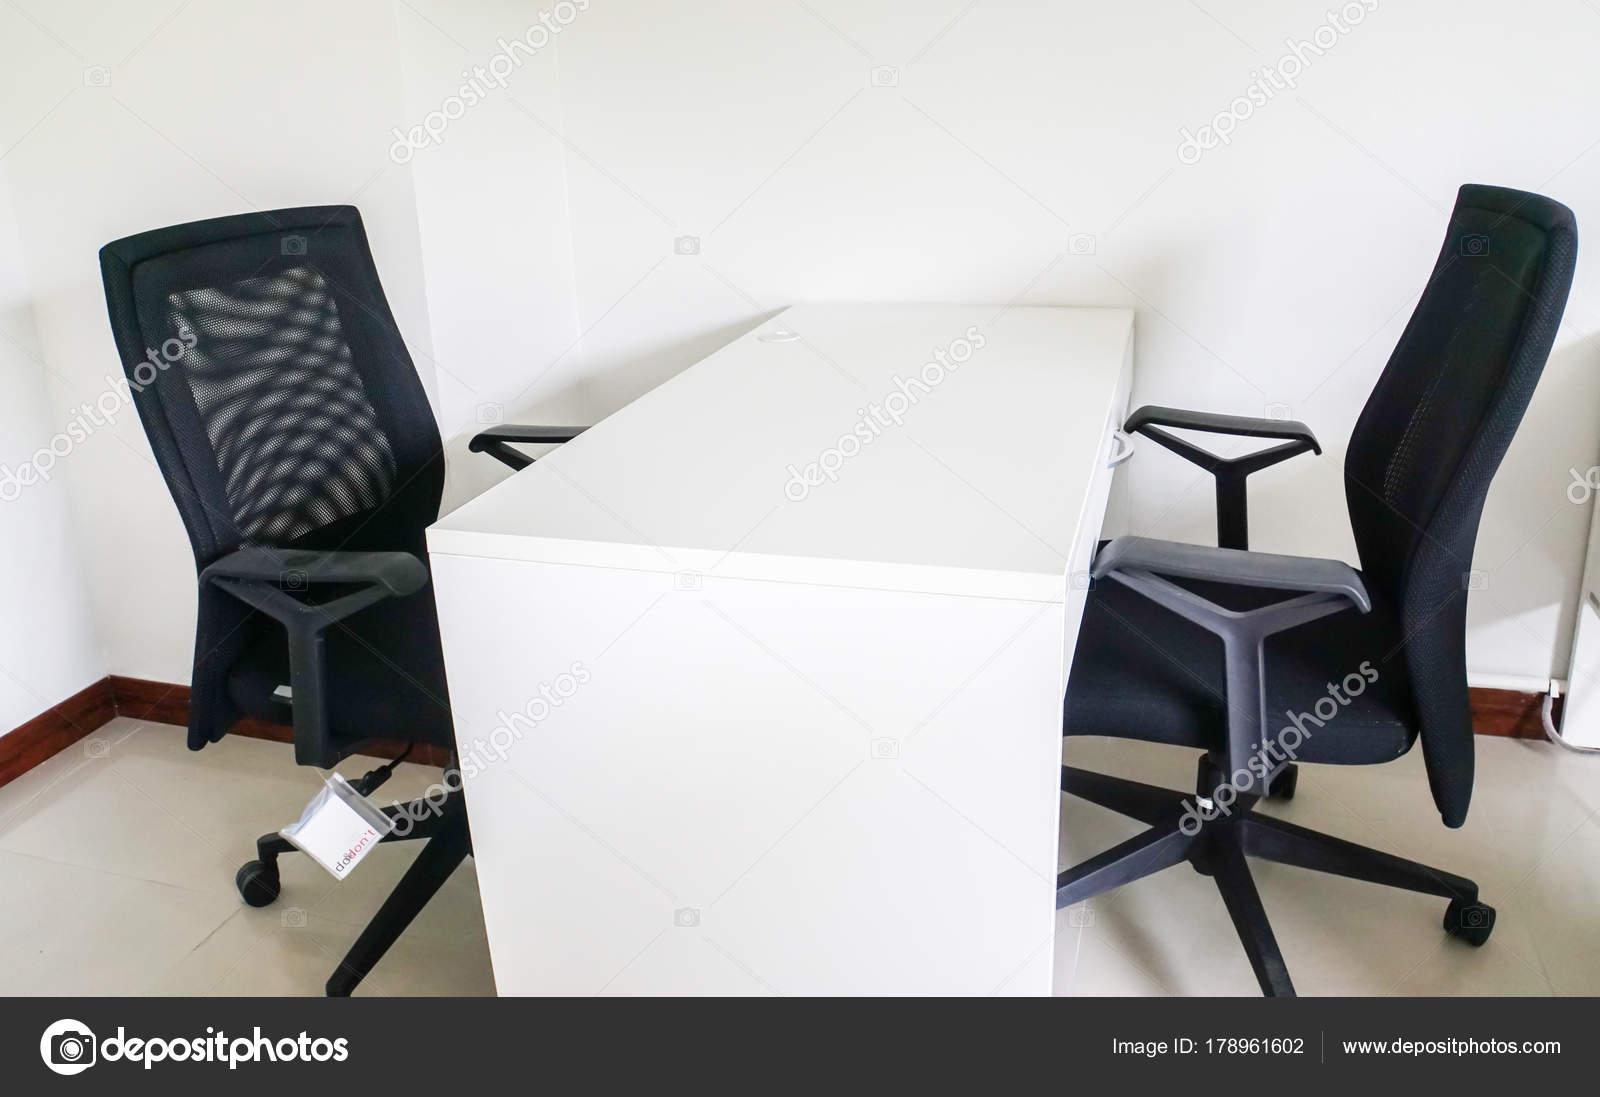 Sedie Da Ufficio Moderne : Scrivania ufficio con sedie moderne riunioni u foto stock jummie